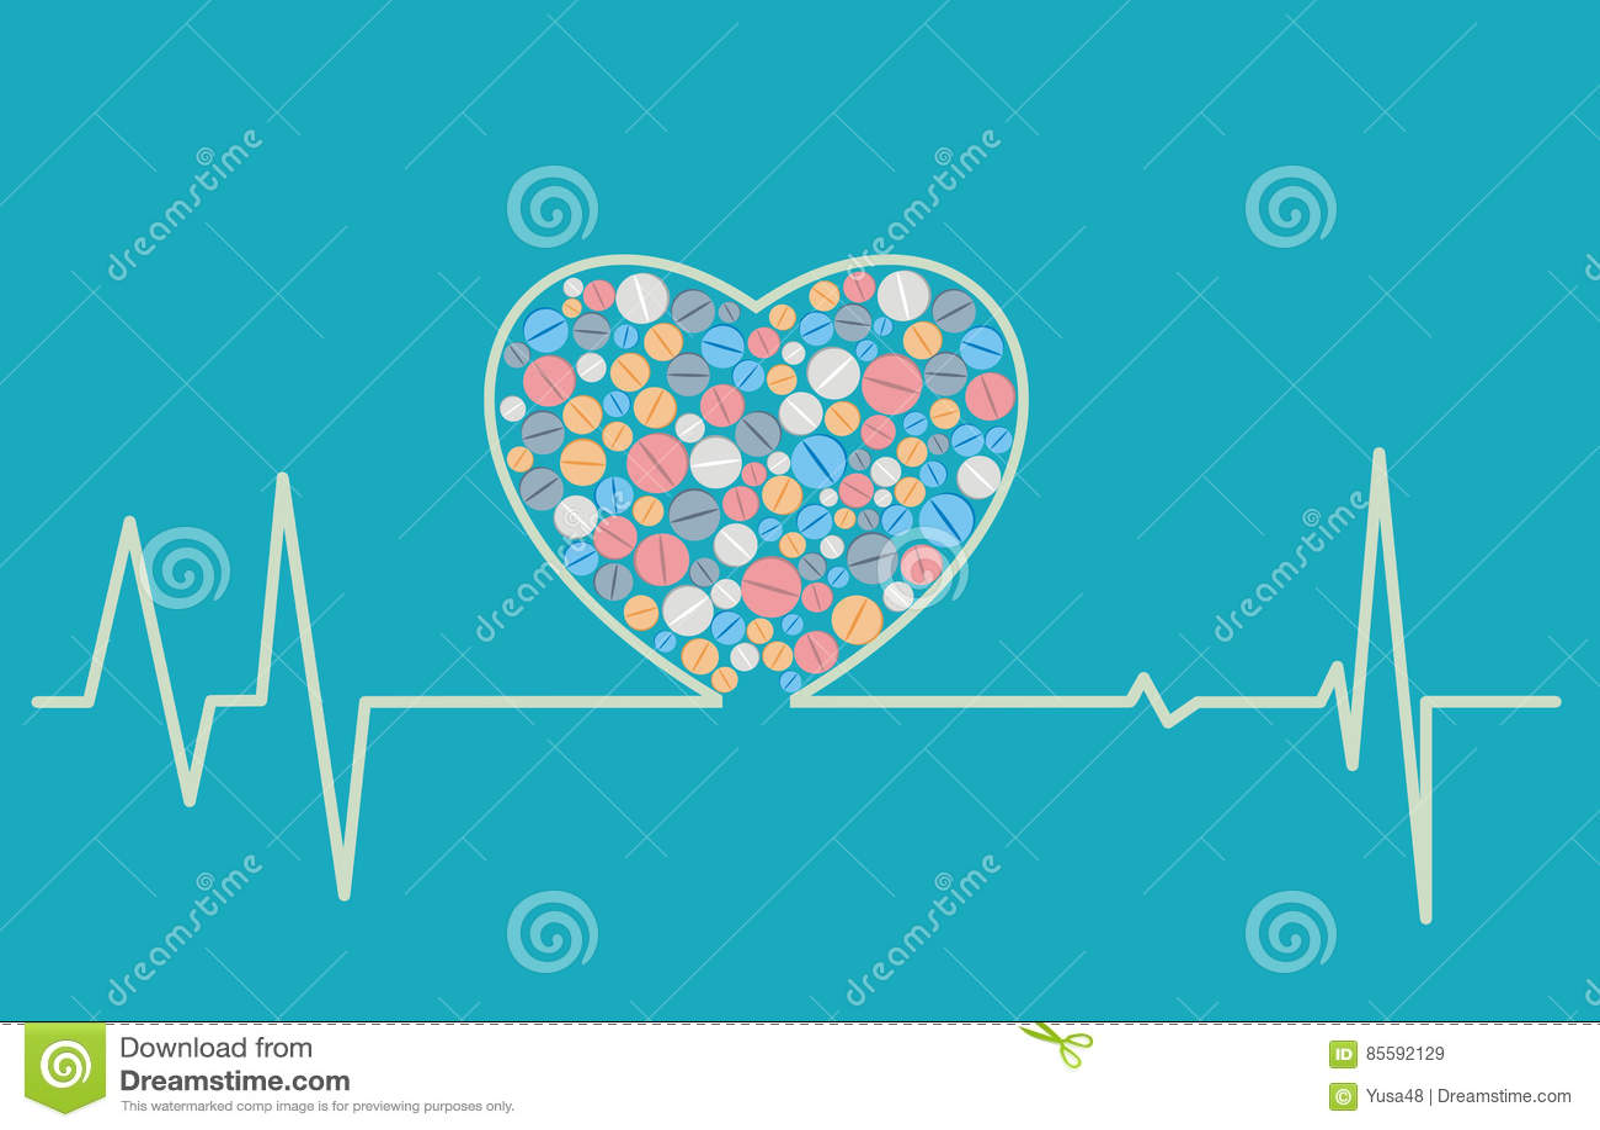 Vård- begrepp - en hjärta formad kardiogram inkluderar minnestavlor